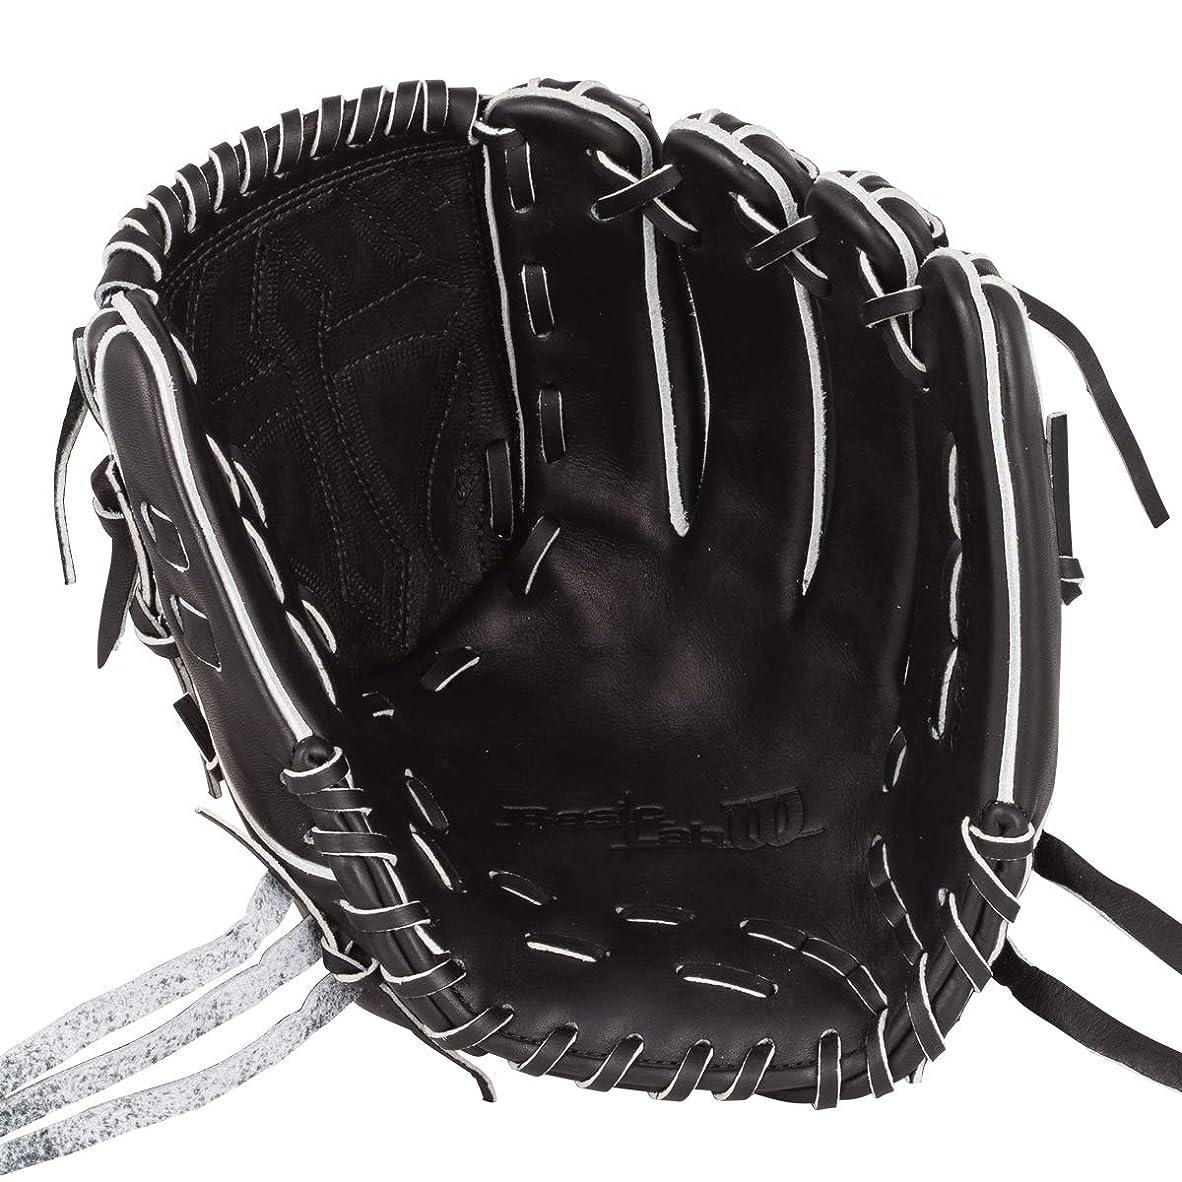 インターネット有毒な可動Wilson(ウイルソン) 軟式野球用グラブ Basic Lab デュアル 投手用 D1 WTARBSD1M